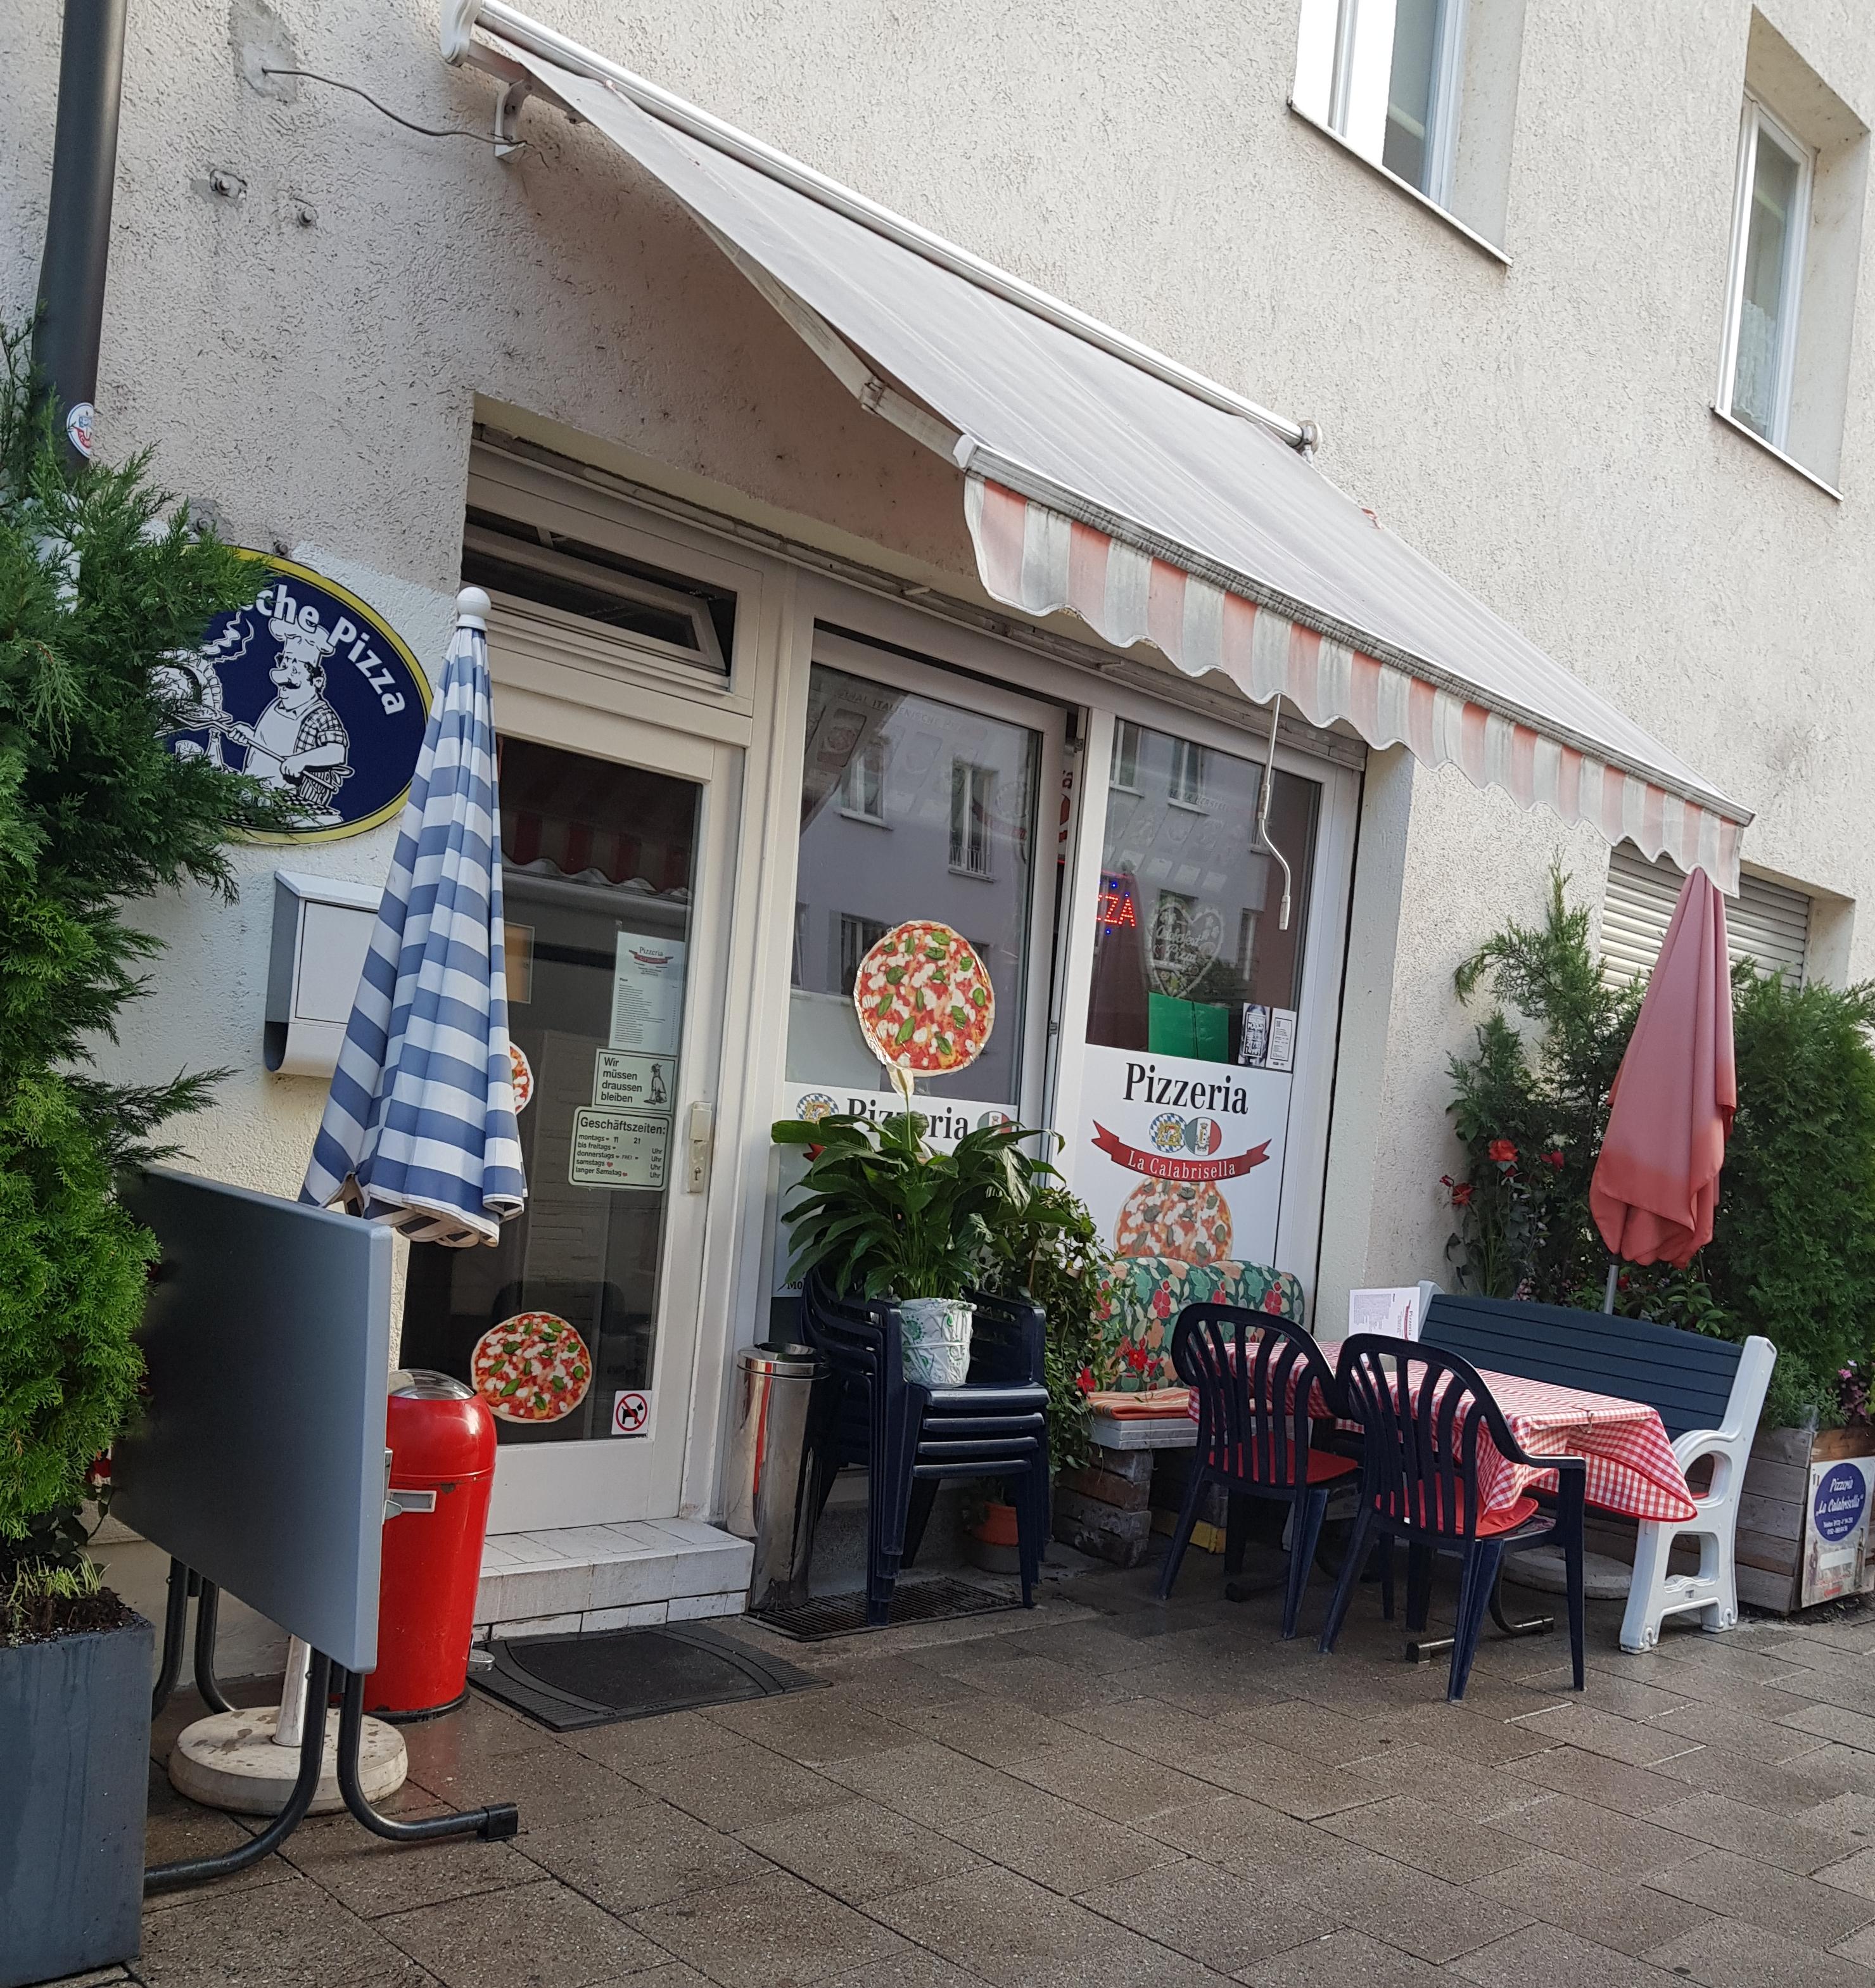 뮌헨의 동네 피자 - 우리 동네 산책